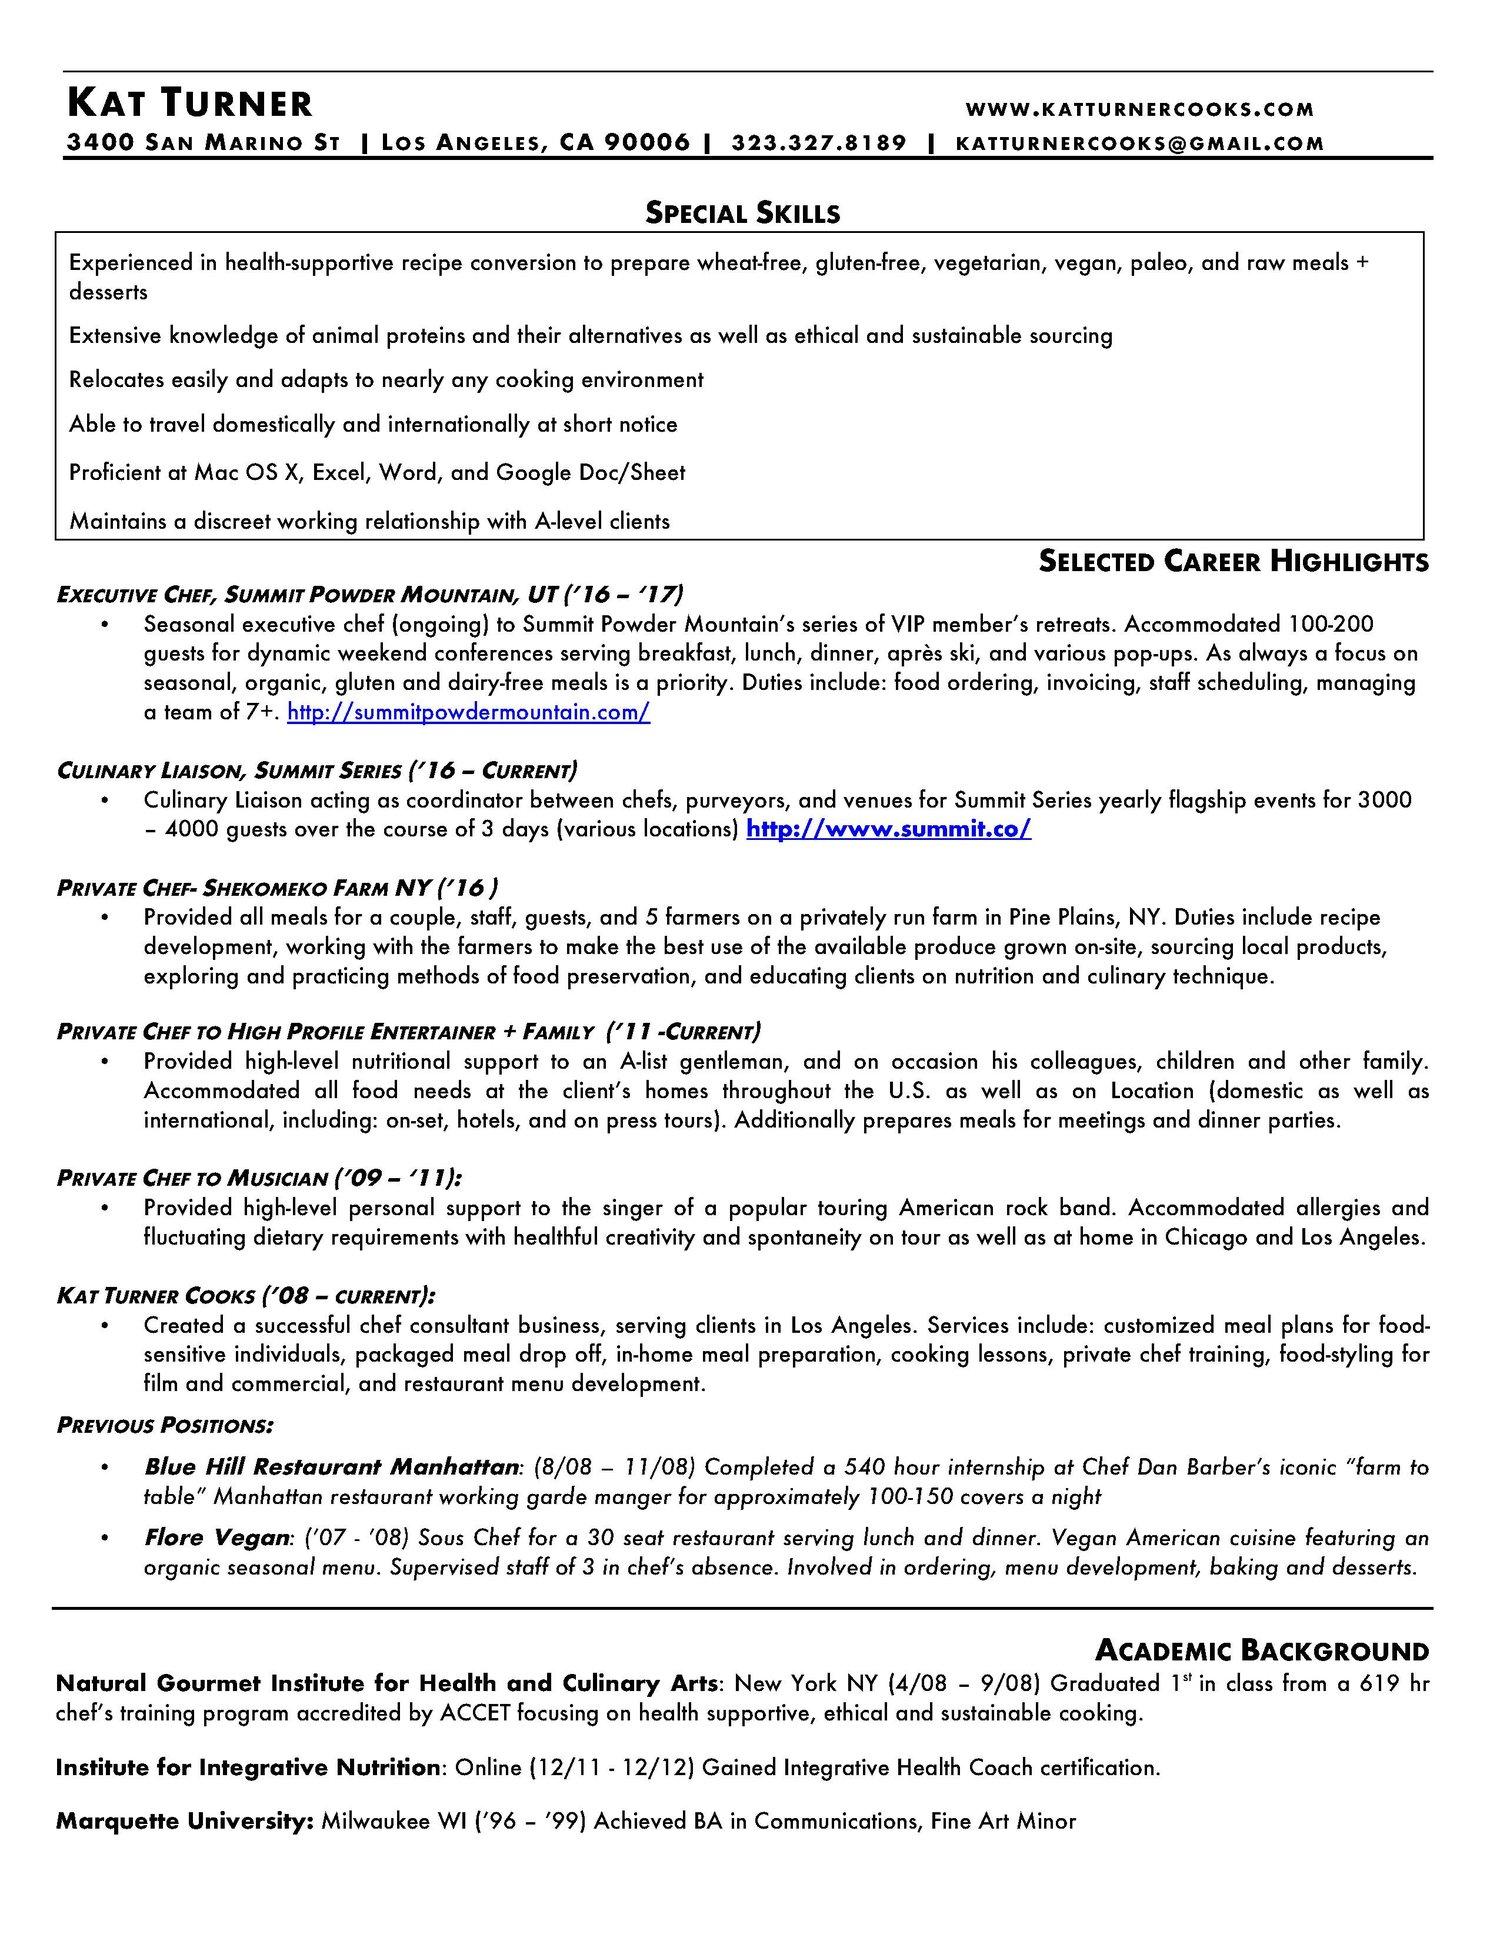 Resume KAT TURNER COOKS